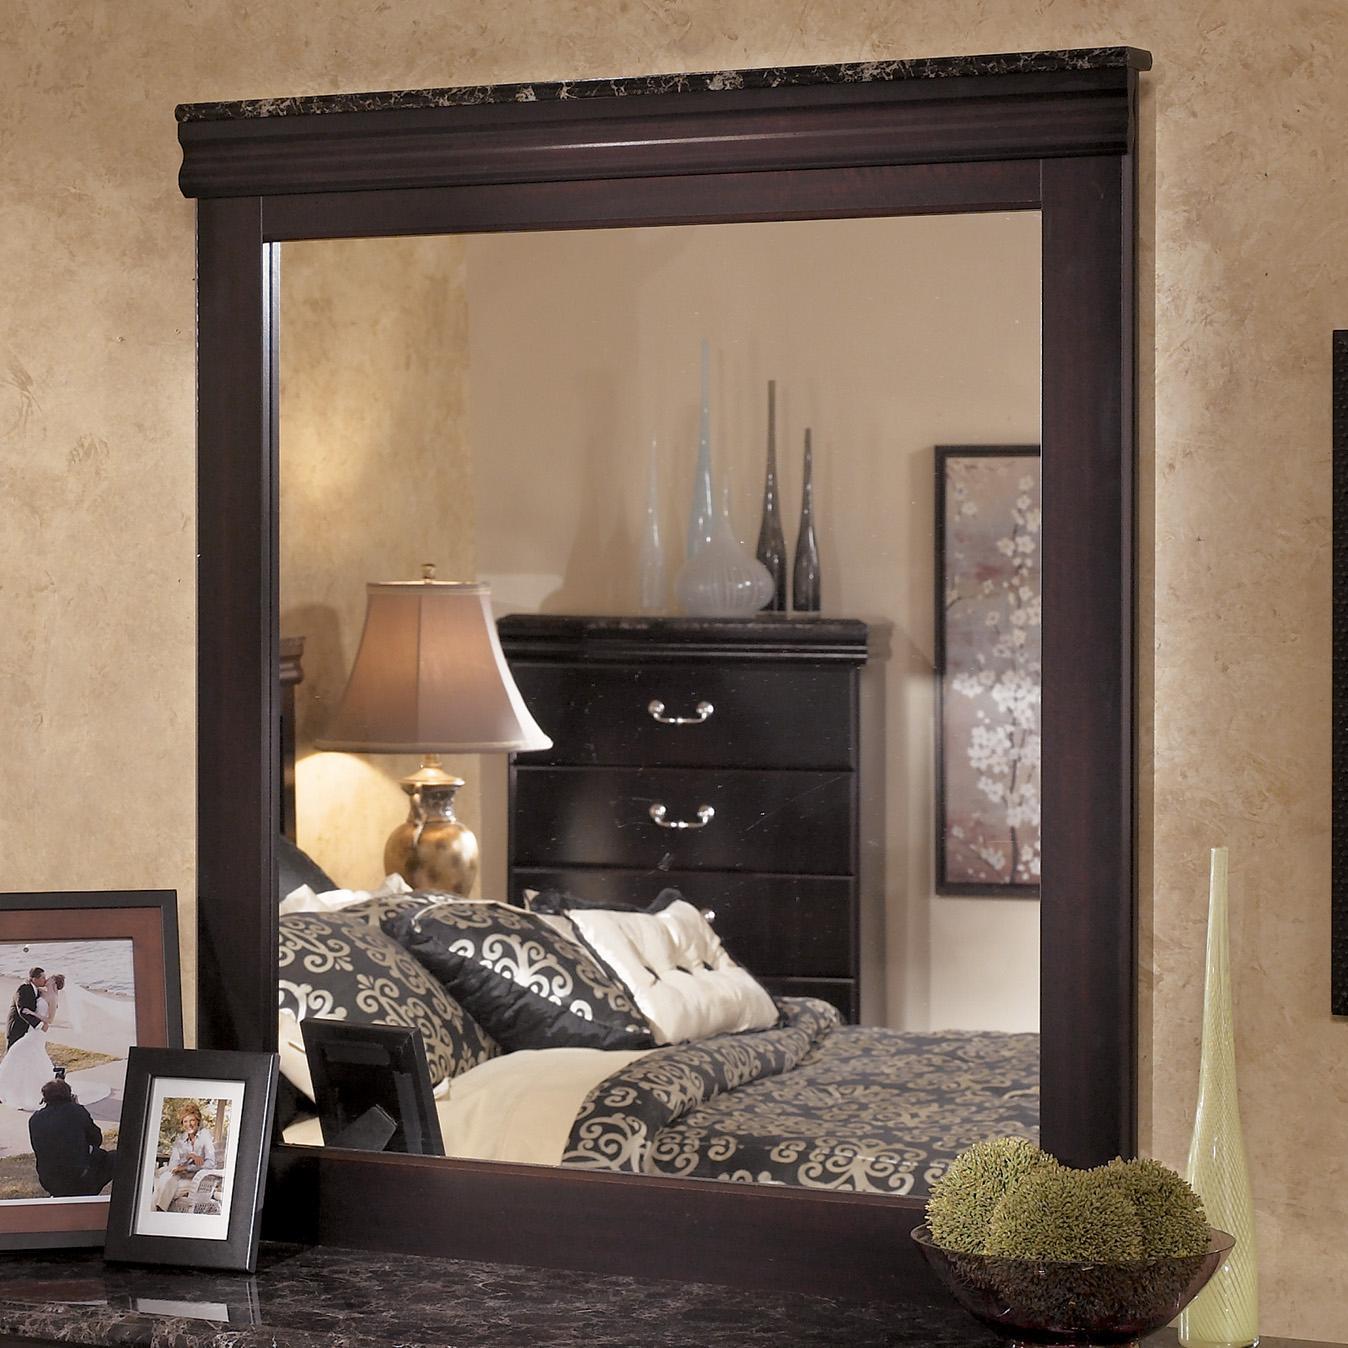 Signature Design by Ashley Esmarelda Mirror - Item Number: B179-36